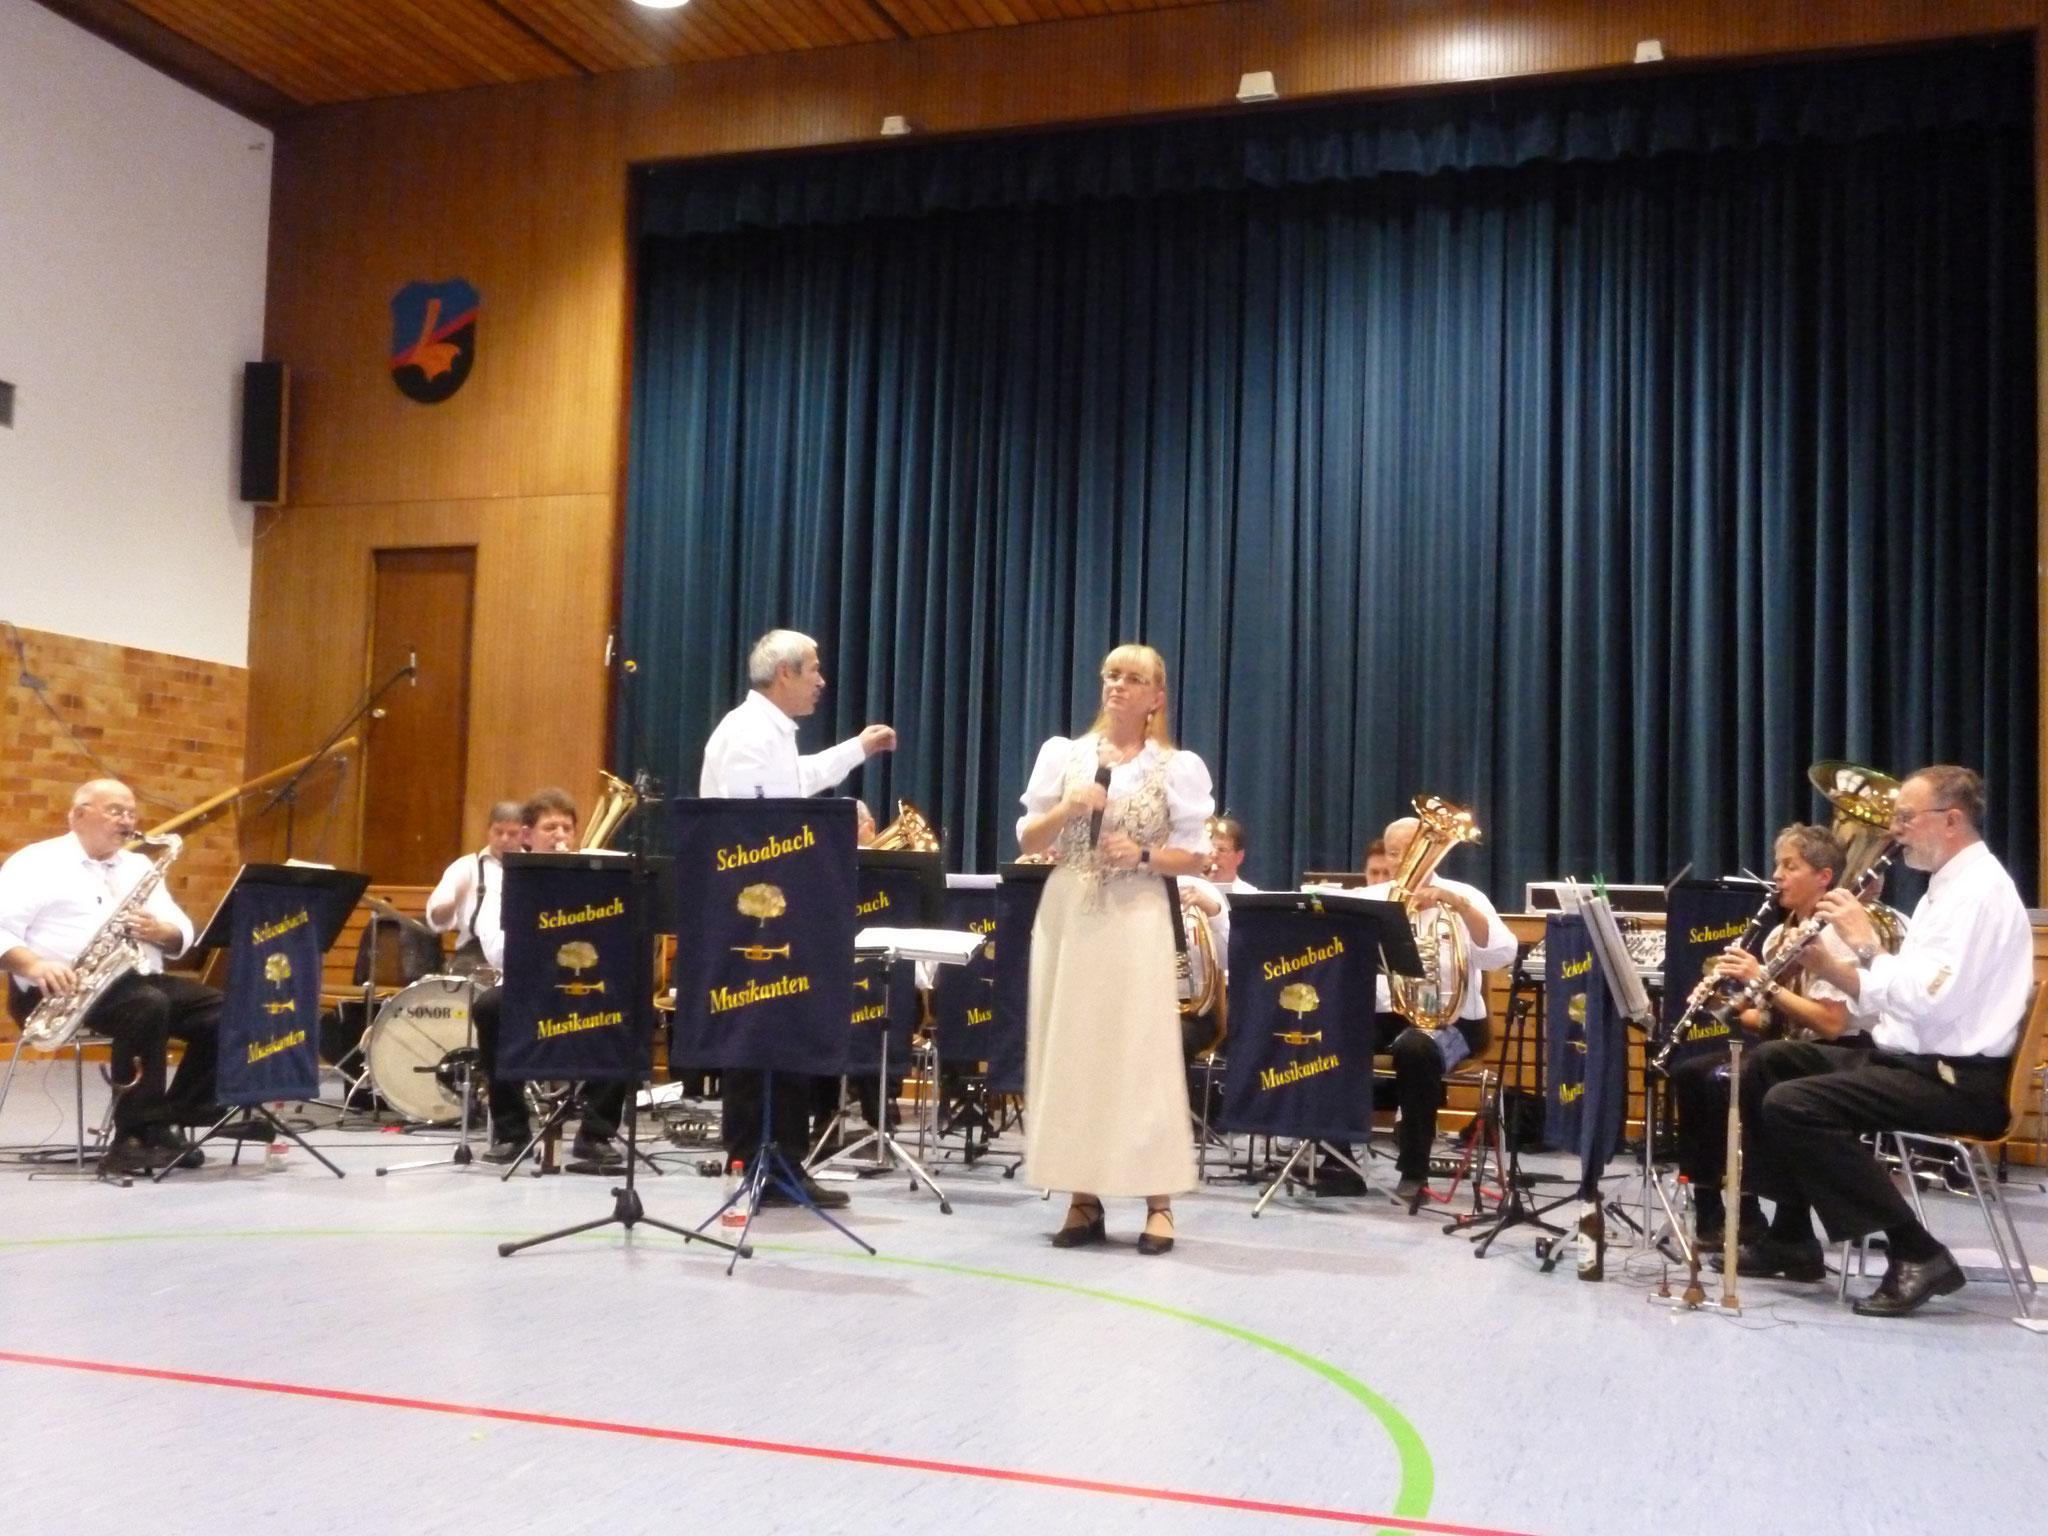 Adventlicher Nachmittag Mittelstadt 25.11.2012